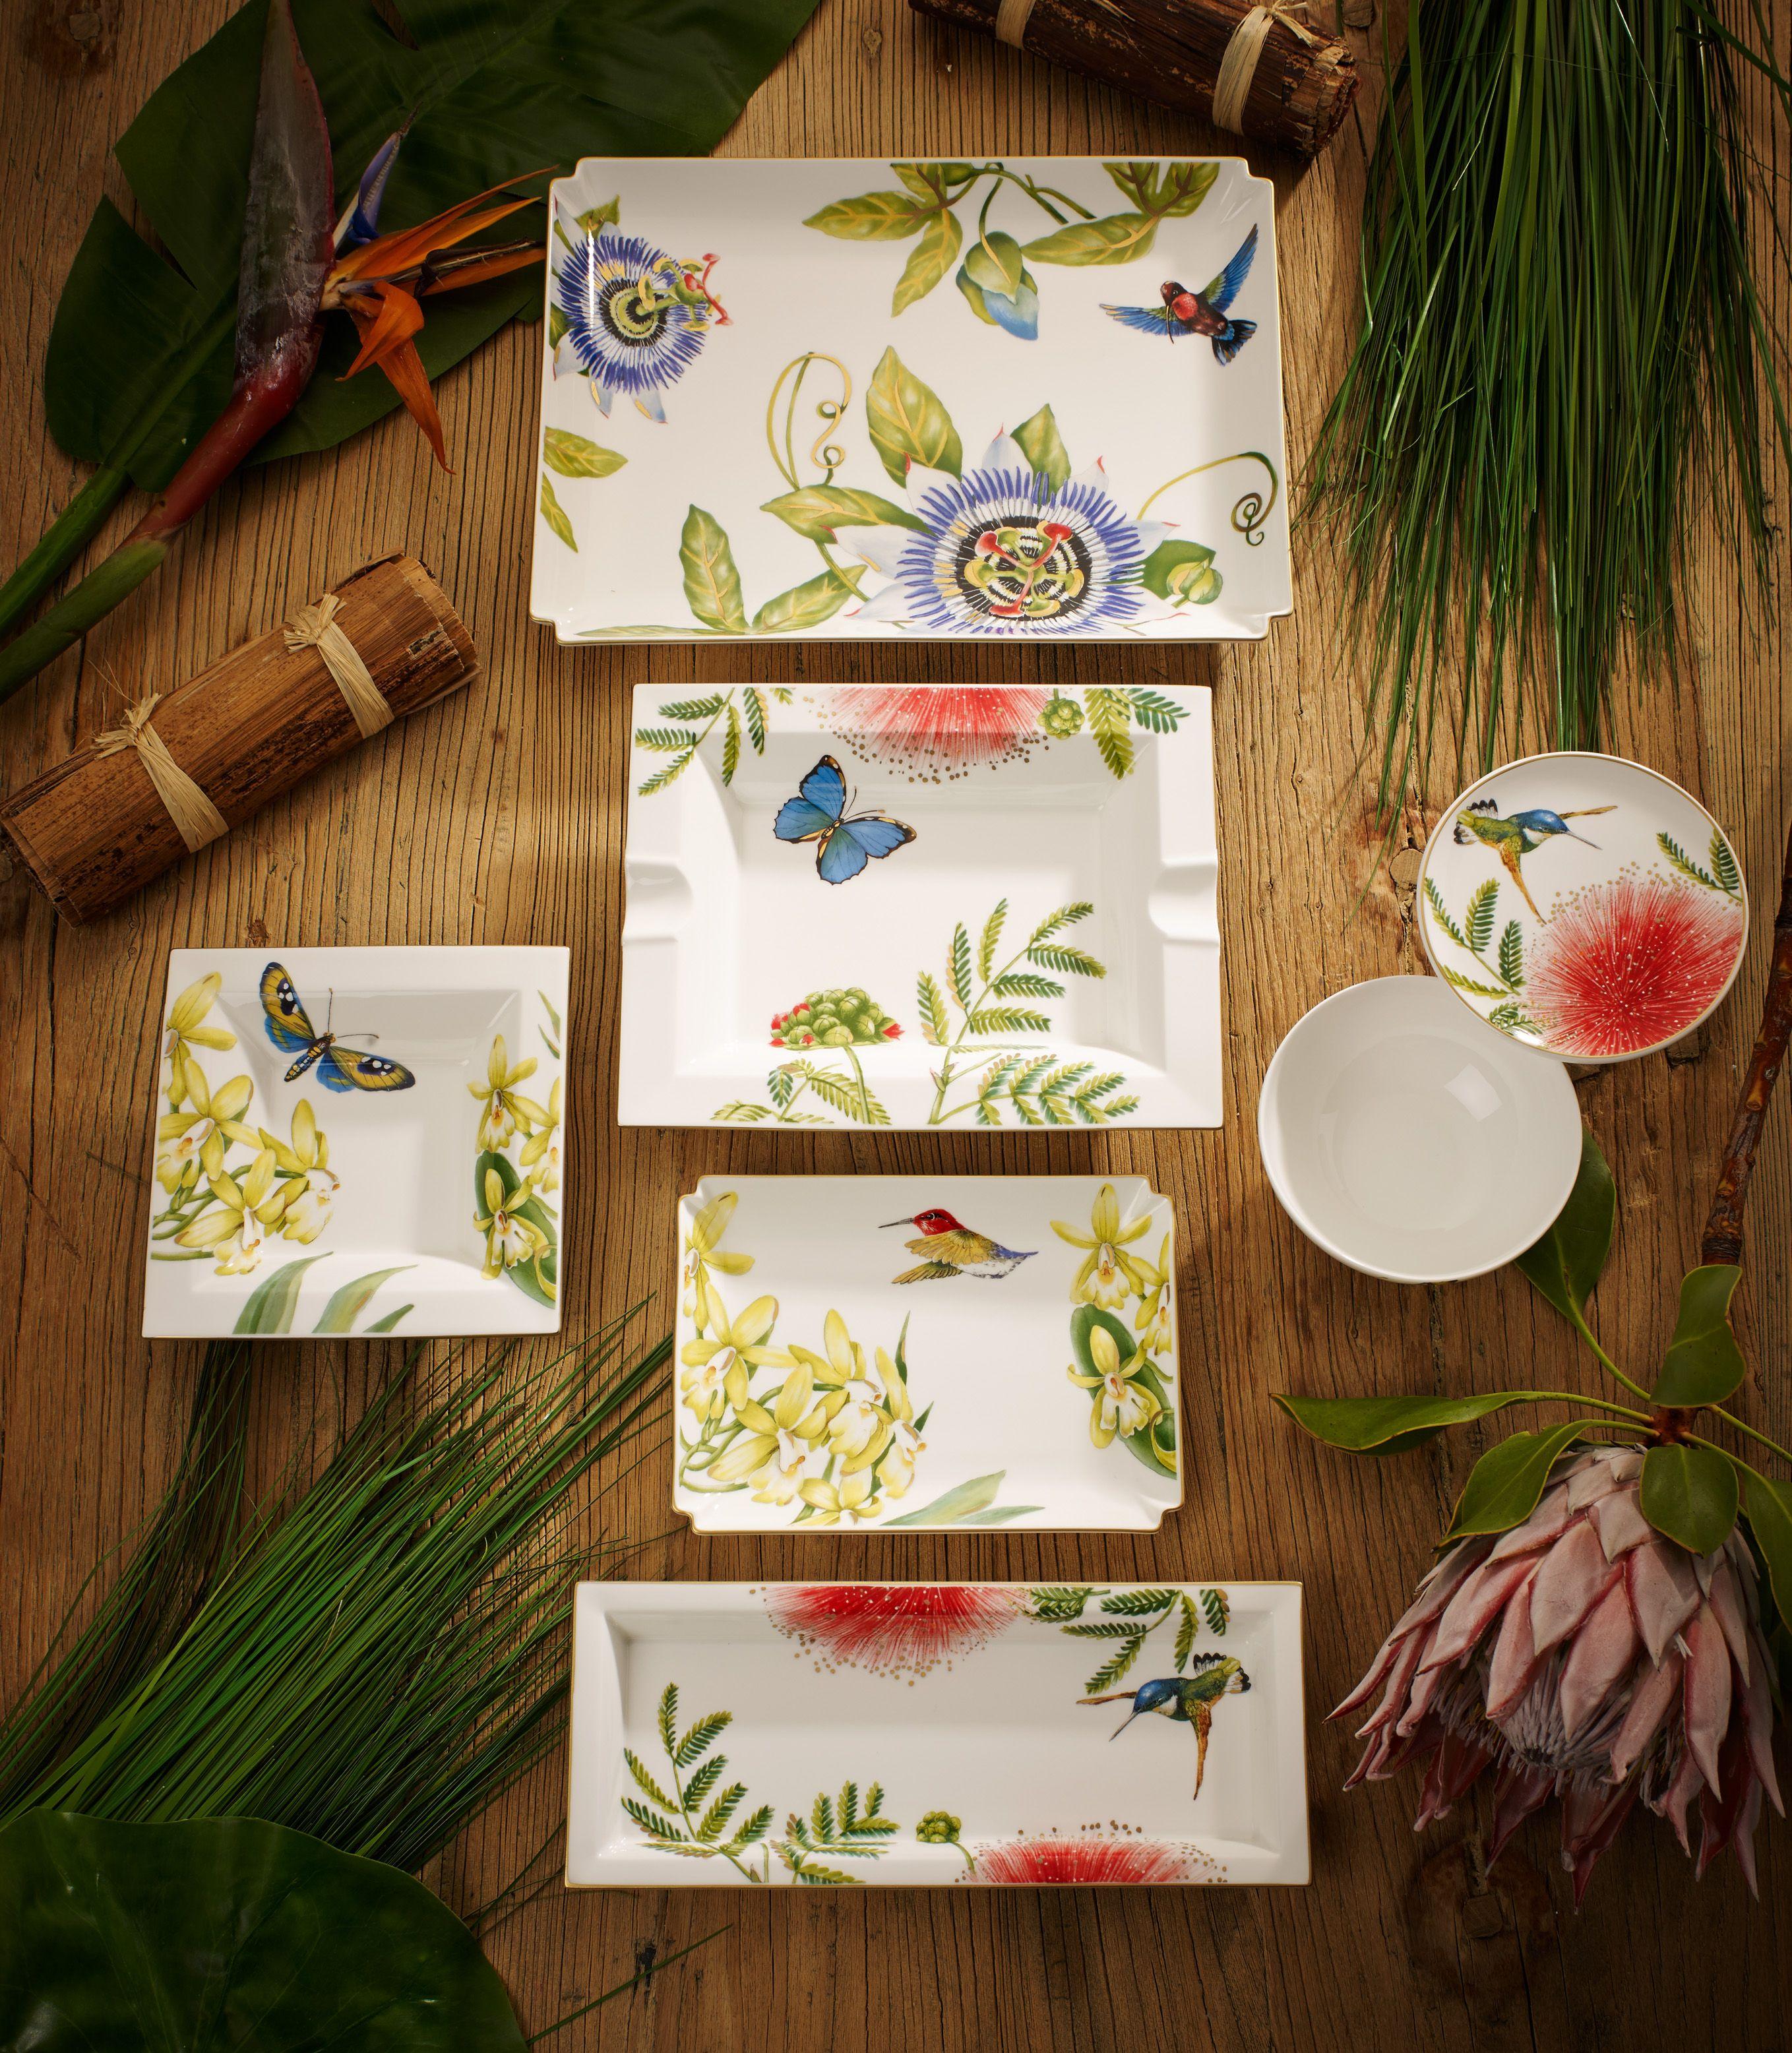 Villeroy u0026 Boch - u0027Amazoniau0027 Collection & Villeroy u0026 Boch - u0027Amazoniau0027 Collection | Decorate|Kitchen/Dining 1 ...